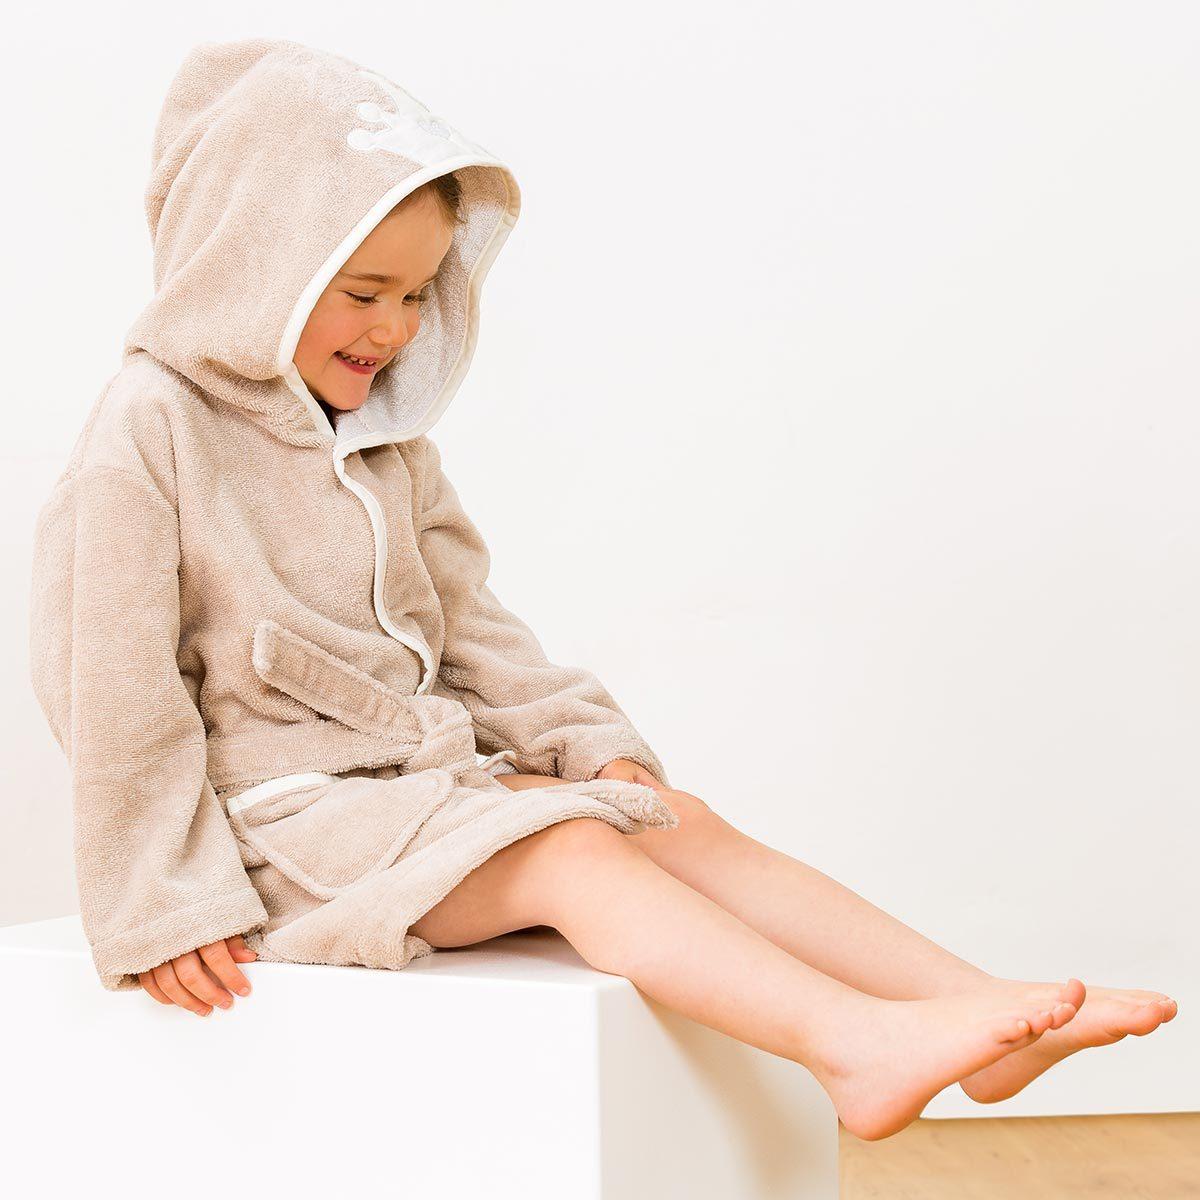 smithy bademantel superflausch g nstig online kaufen bei bettwaren shop. Black Bedroom Furniture Sets. Home Design Ideas